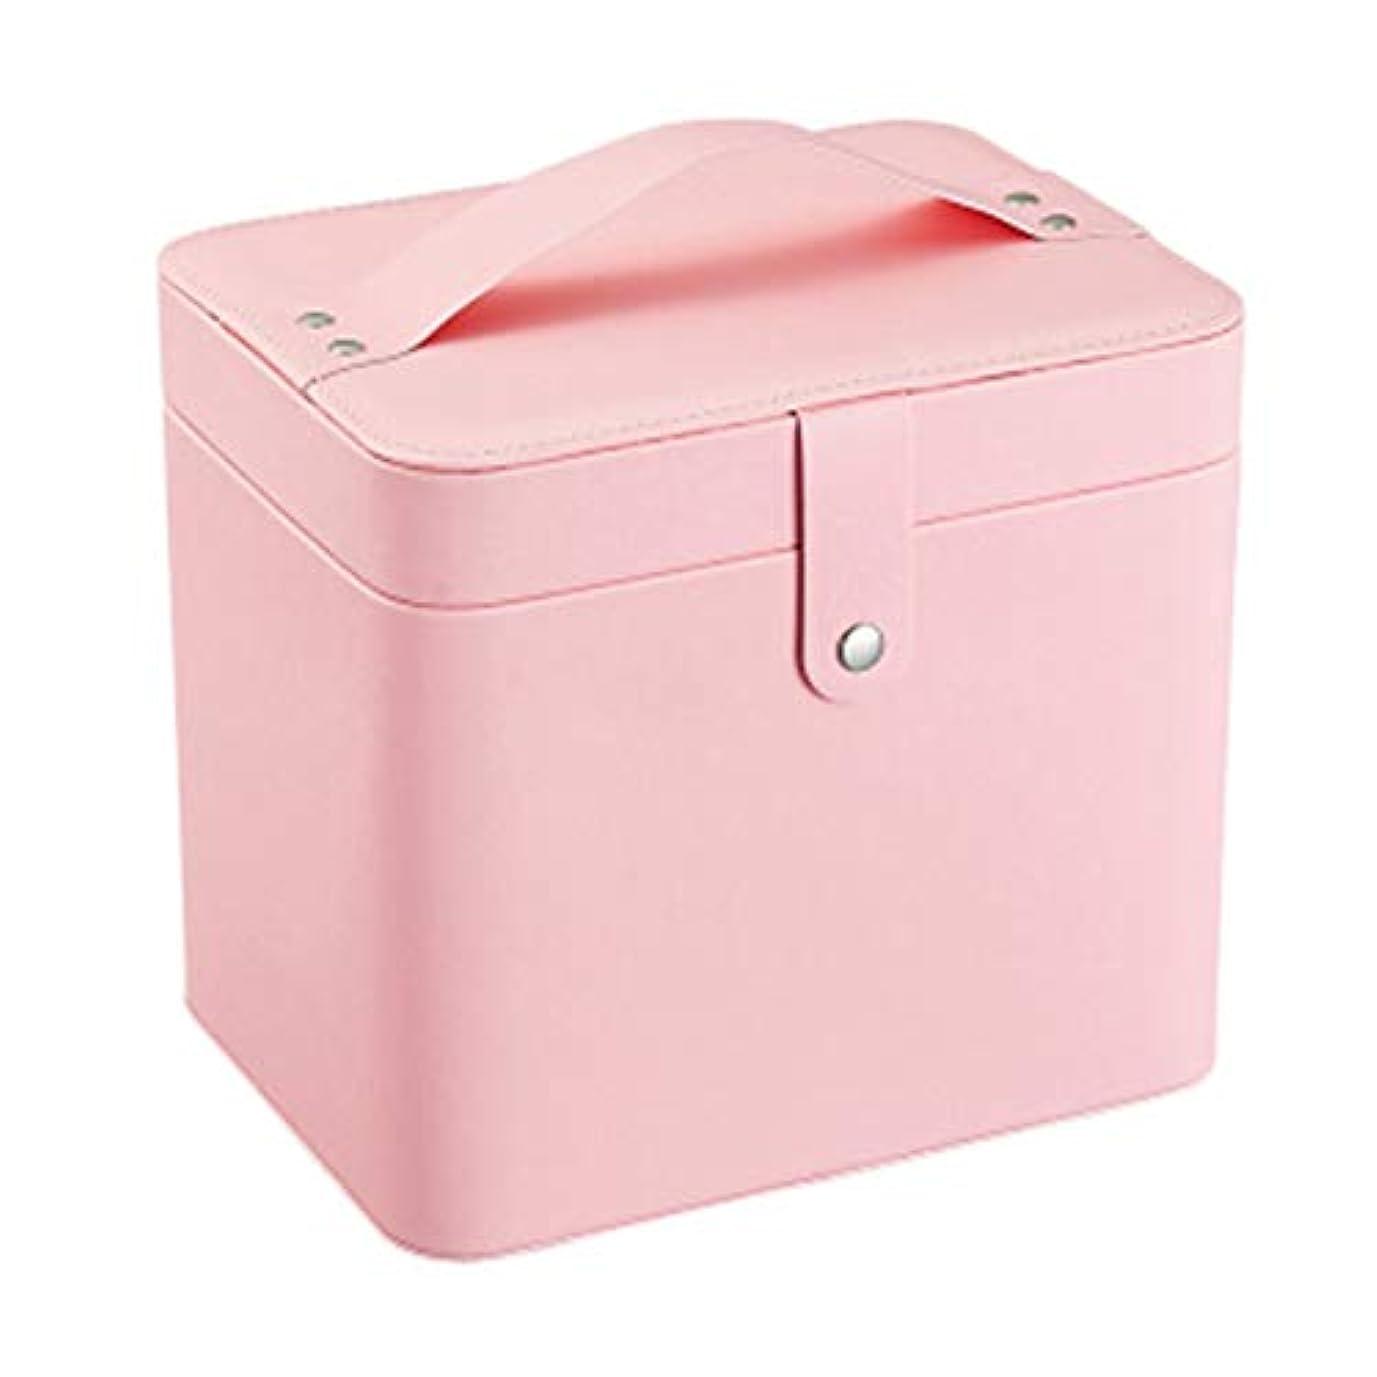 眠り横にエレクトロニック化粧オーガナイザーバッグ 化粧鏡で小さなものの種類の旅行のための美容メイクアップのためのピンクのポータブル化粧品バッグ 化粧品ケース